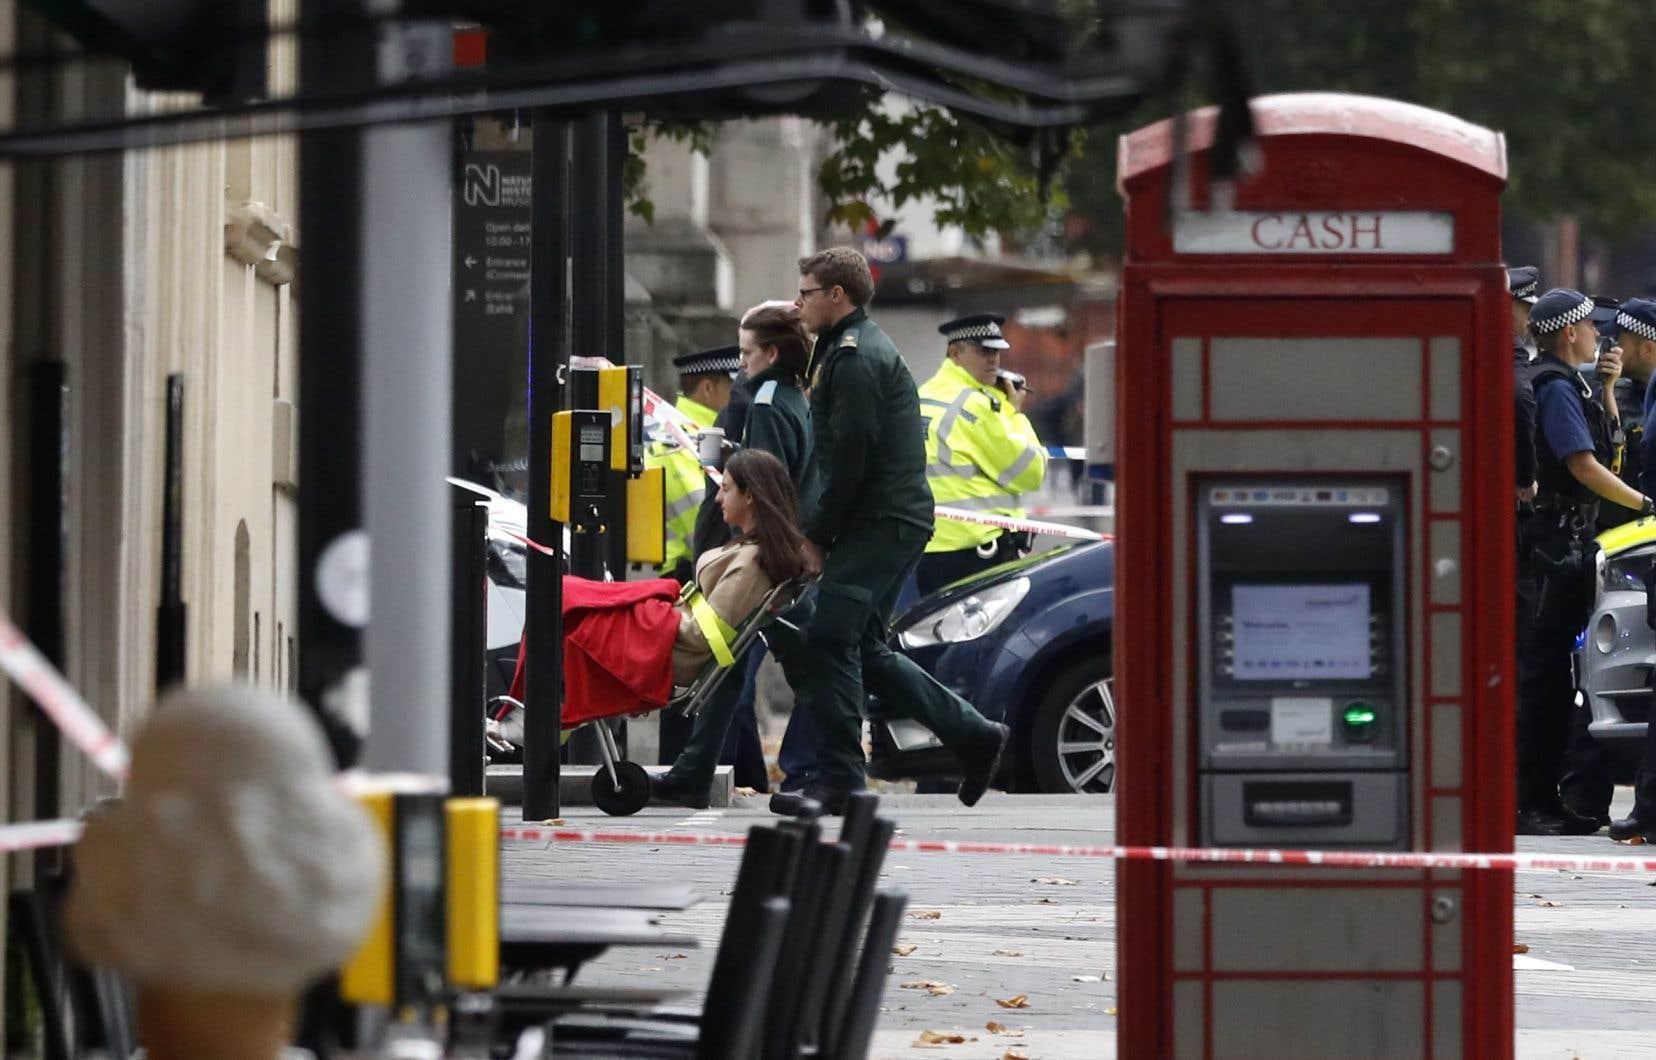 Un homme «a été arrêté» sur les lieux, a ajouté Scotland Yard, précisant que les enquêteurs tentaient d'établir les circonstances de l'incident.